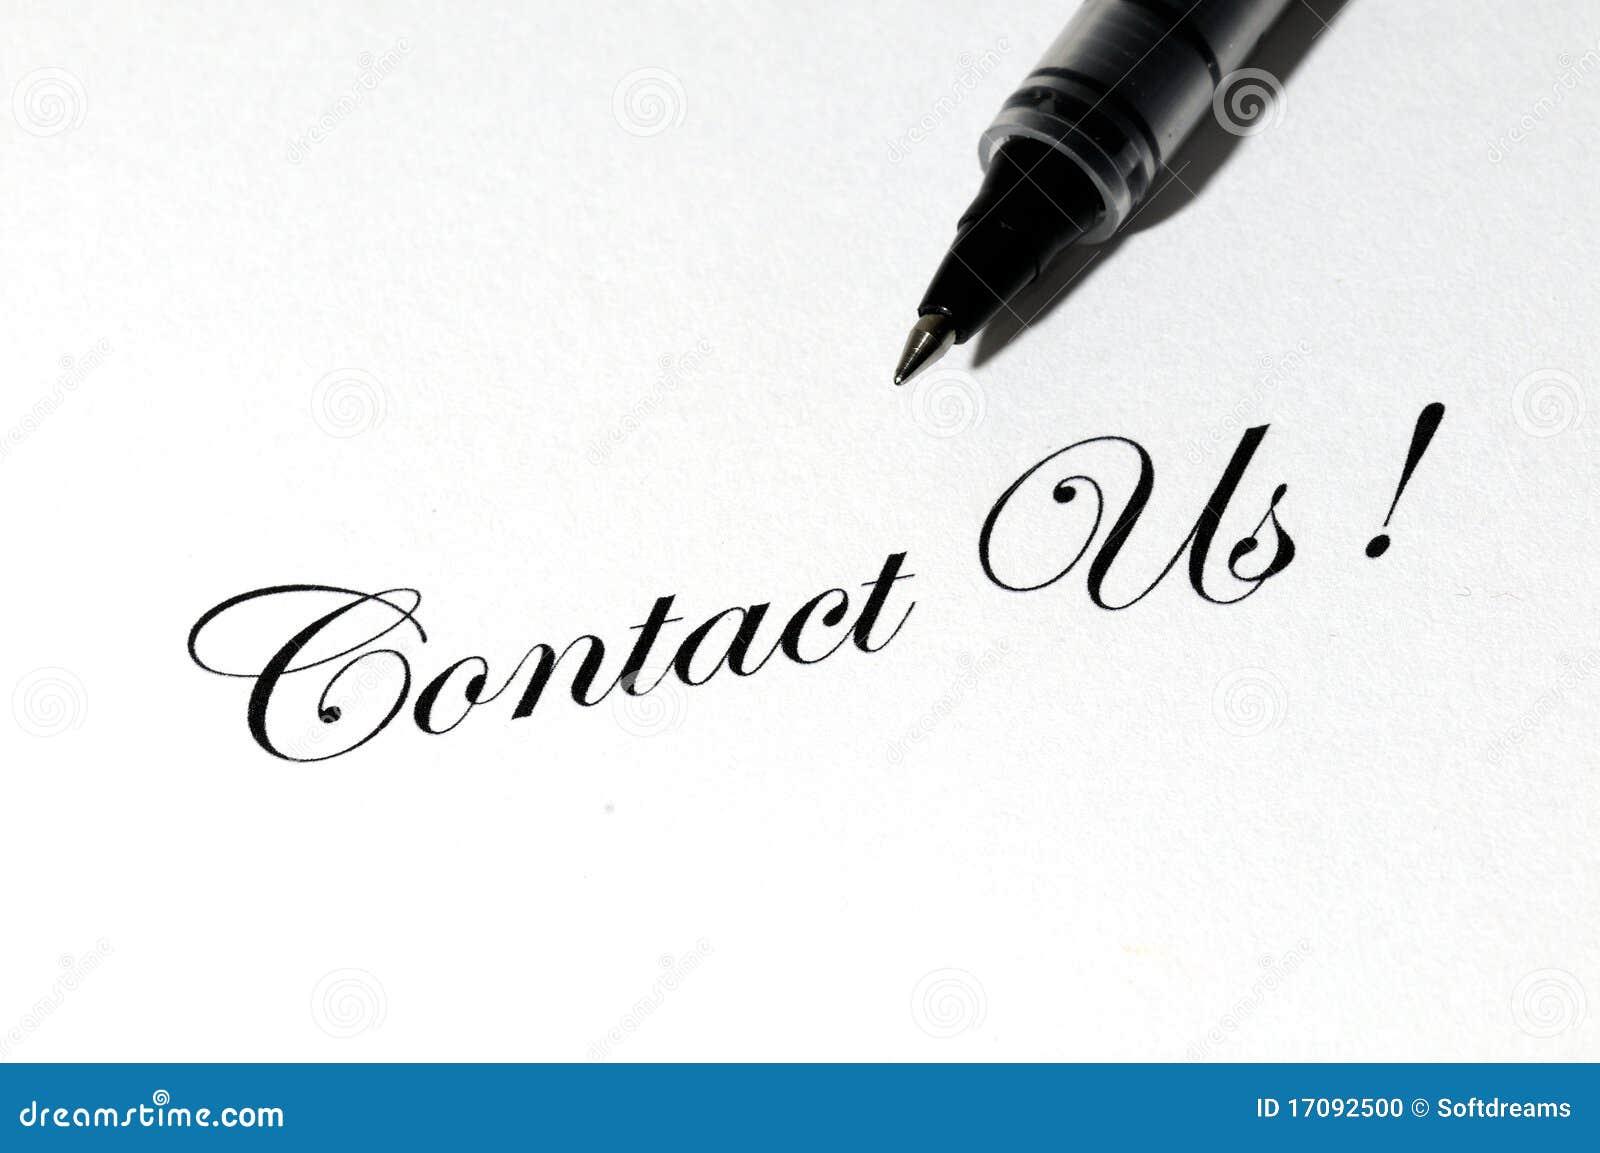 Bringen Sie uns in Kontakt!